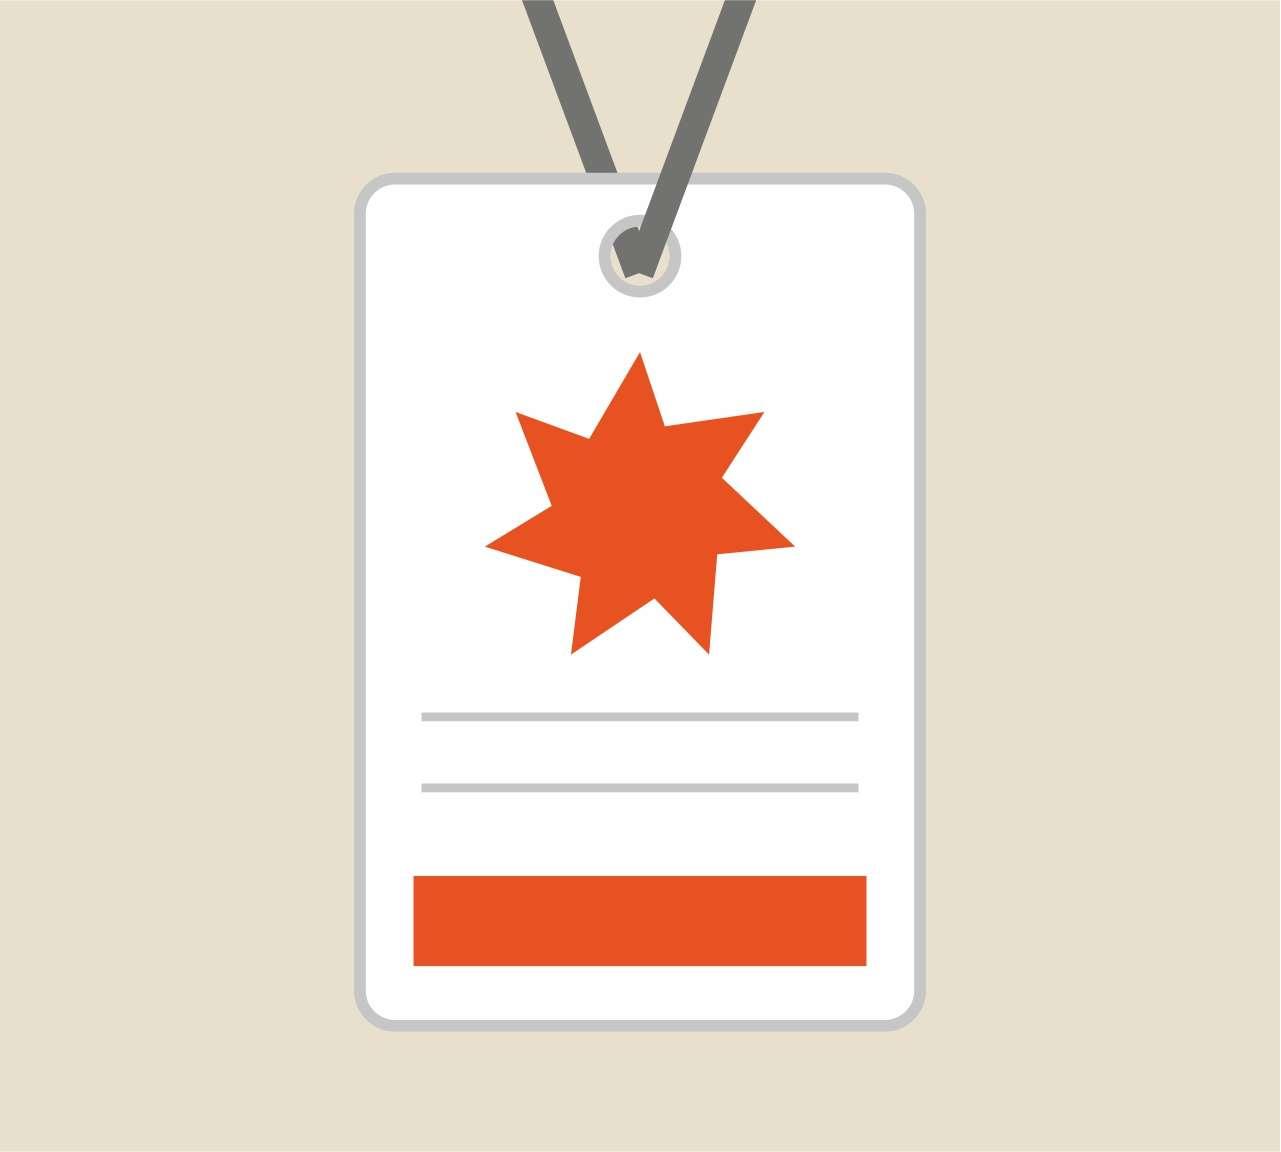 Realizzazione grafica e stampa di badge per eventi e fiere